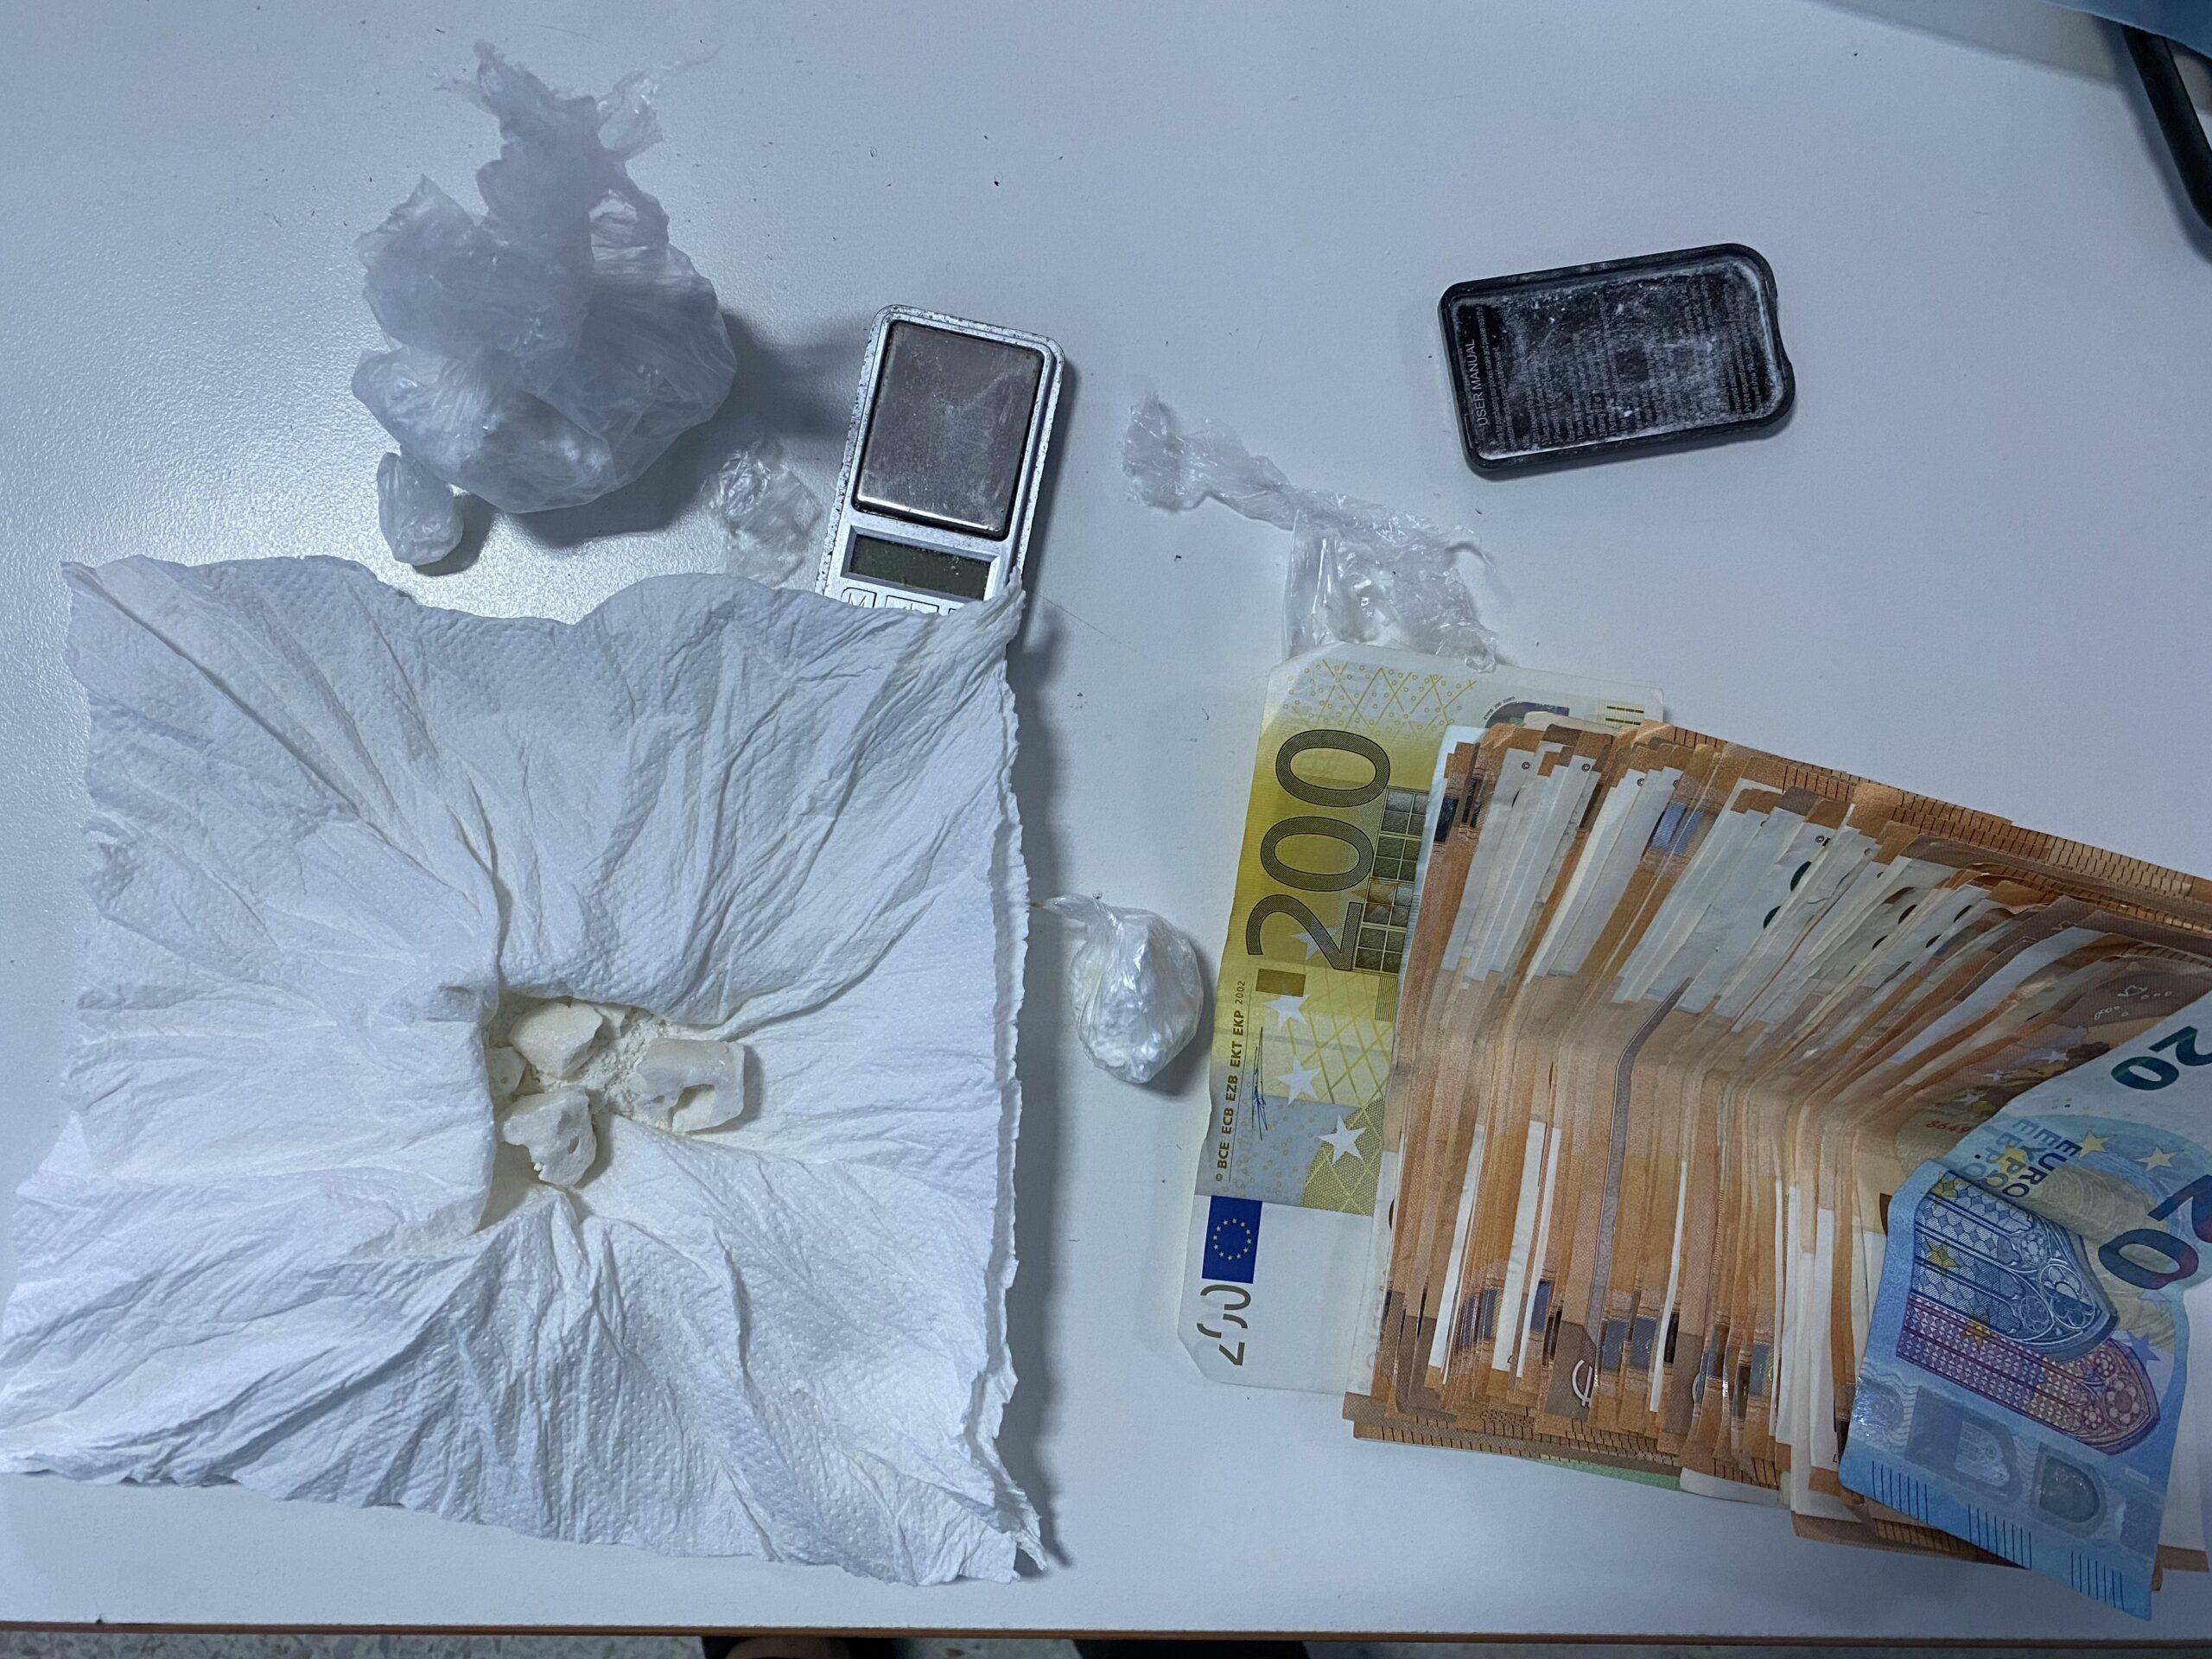 Εξάρθρωση συμμορίας διακινητών ναρκωτικών στον Πειραιά  Εξάρθρωση συμμορίας διακινητών ναρκωτικών στον Πειραιά                                                                                                         2 scaled